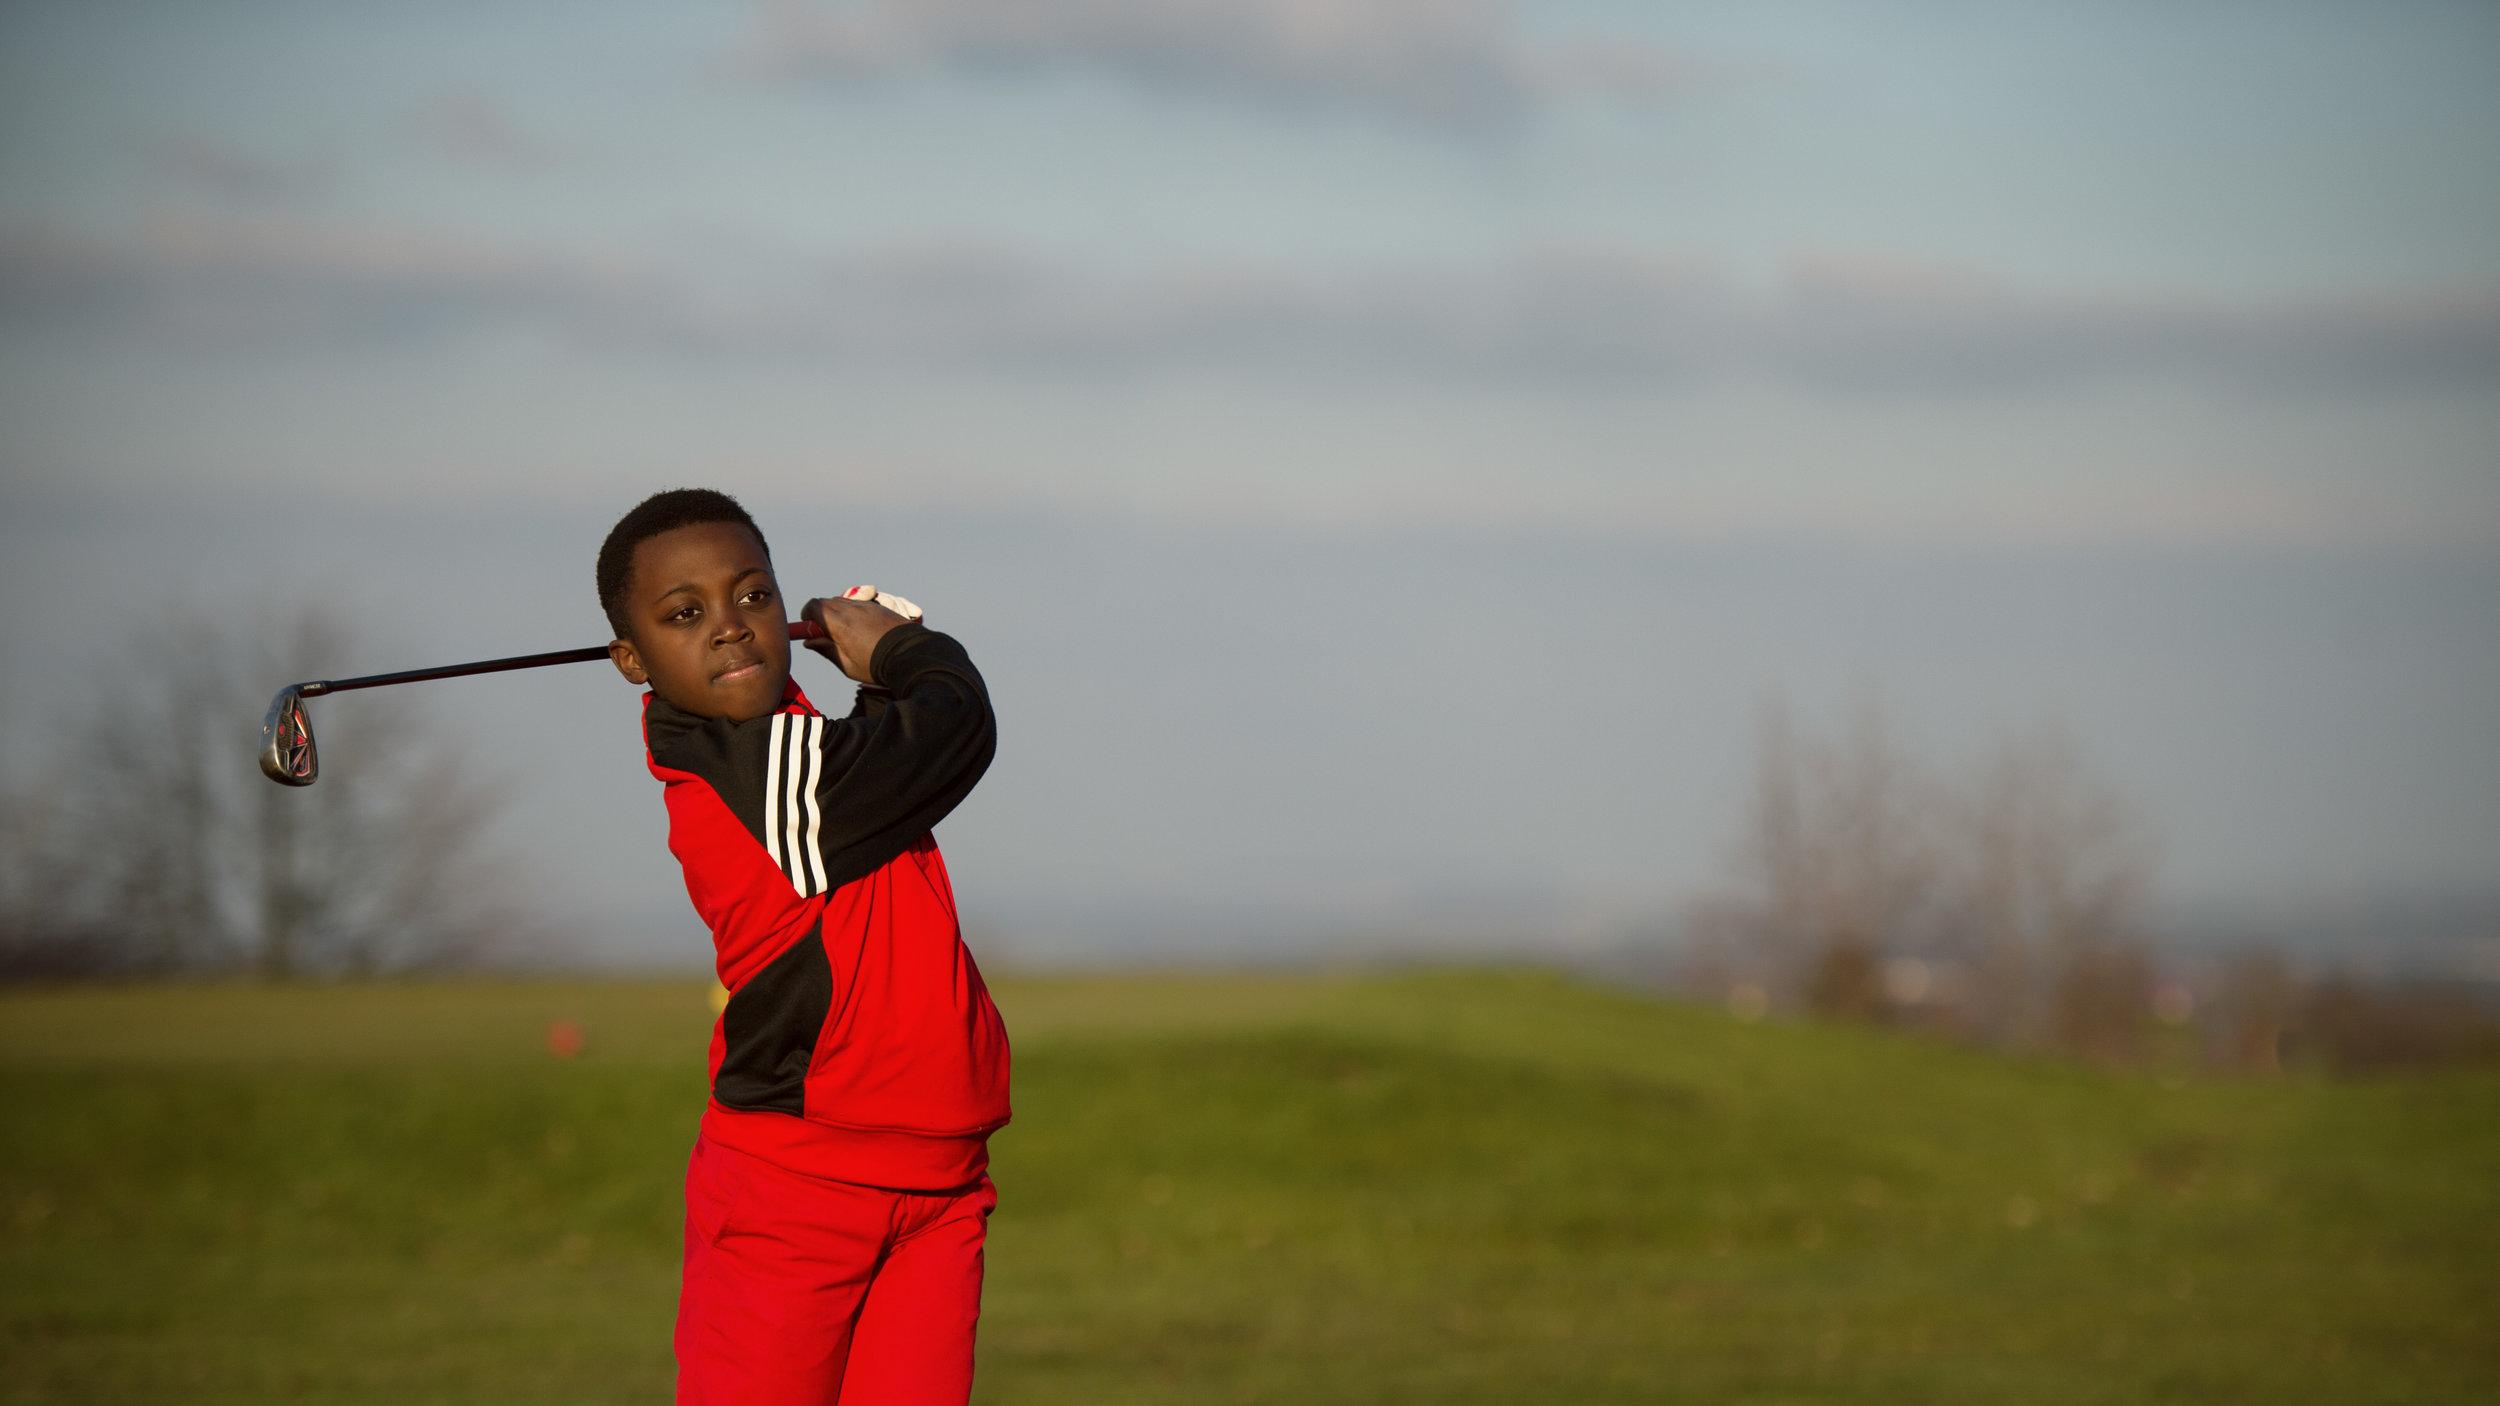 Sarfo Golf Wharton Park Aniko Towers Photo 2k pre-21.jpg